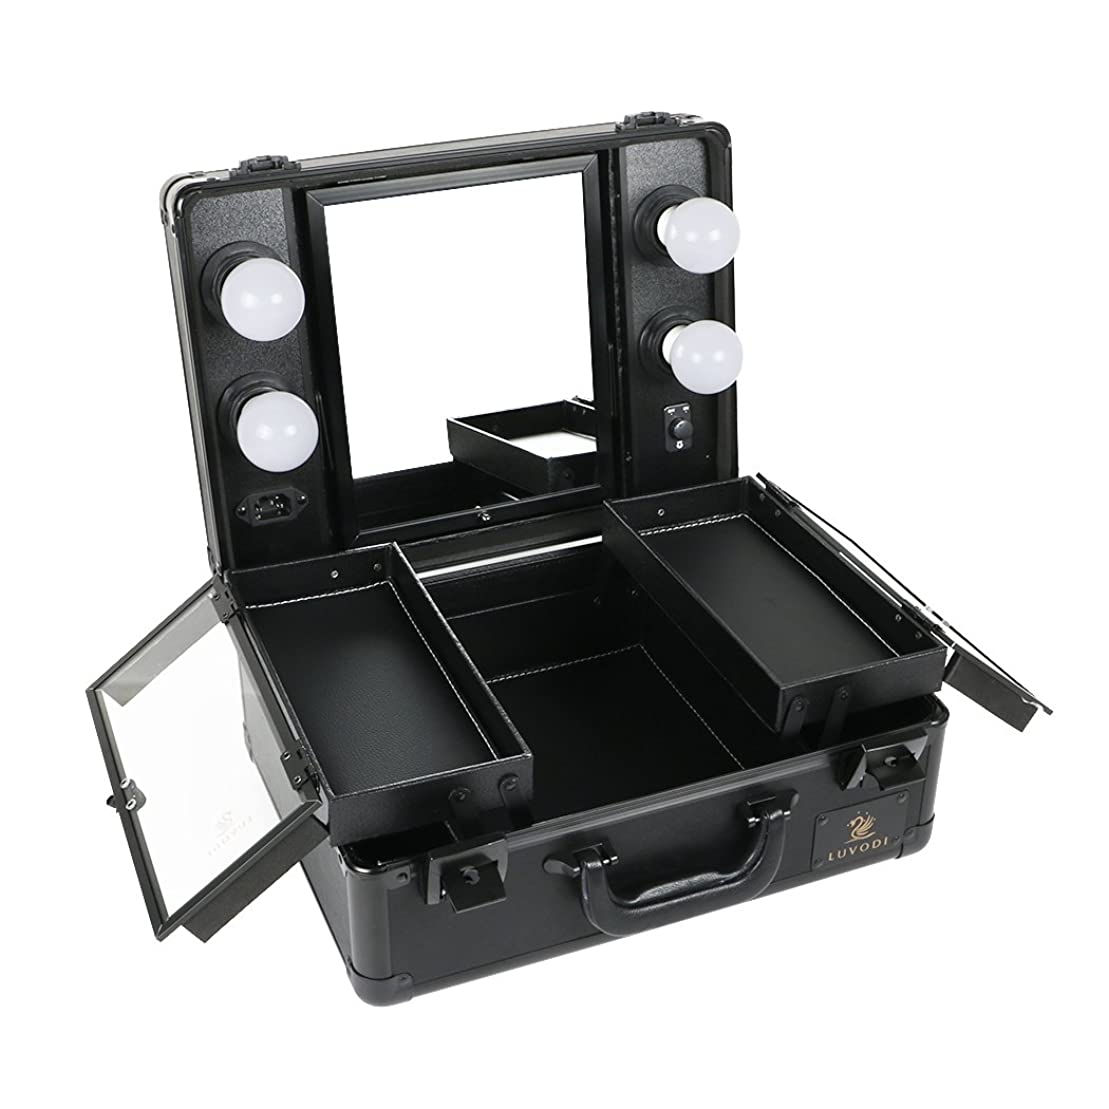 看板櫛データLUVODI メイクボックス プロ用 鏡付き コスメ収納ケース 大容量 ハリウッドミラー LED ライト 電球付き 卓上 ドレッサー 鏡面/明るさ調整可能 鍵付き 持ち運び おしゃれ 35*54*23cm(黒)